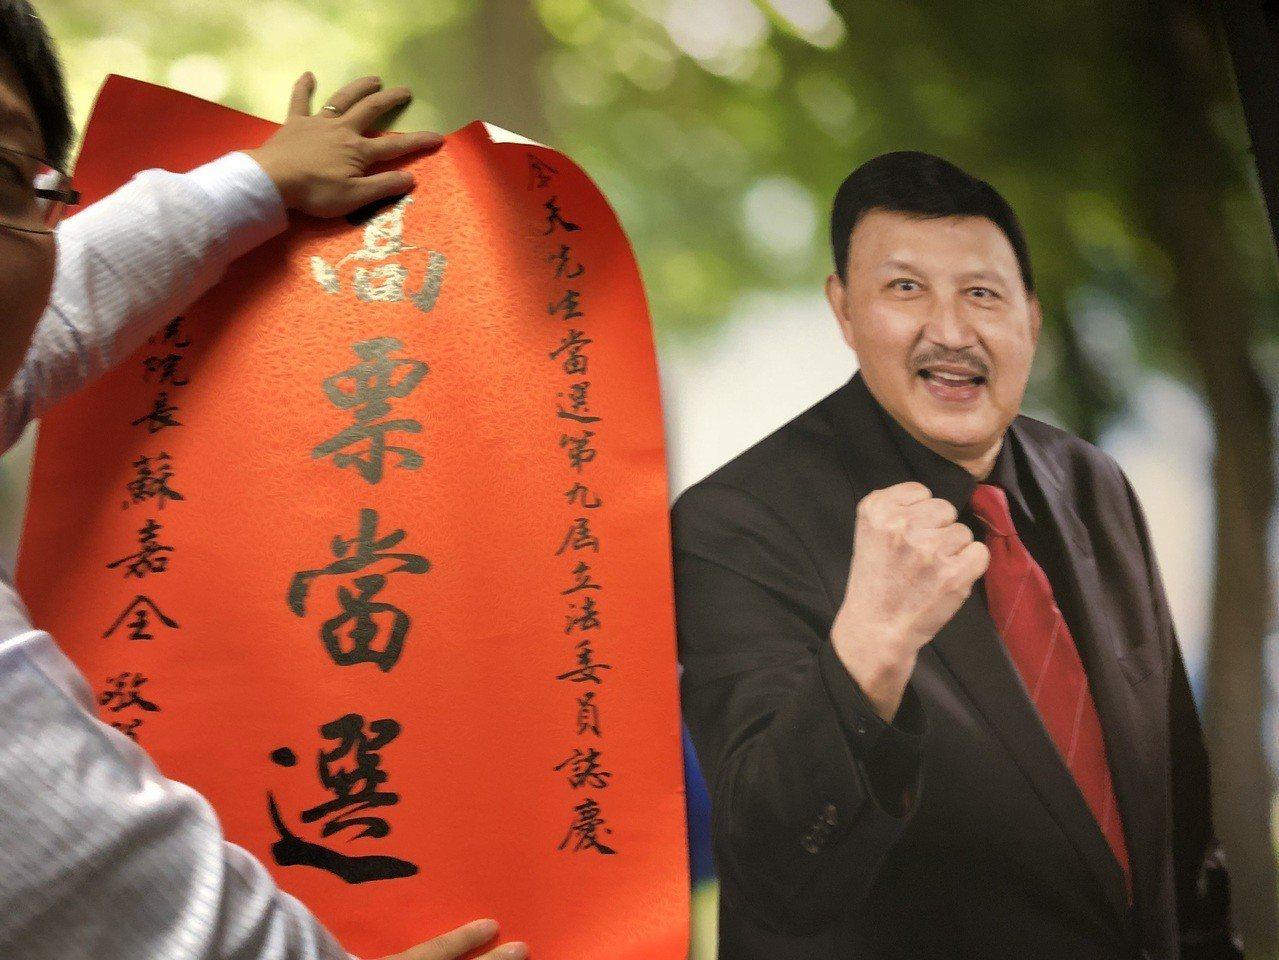 立法院長蘇嘉全5點半已經送來「高票當選」紅條。記者王敏旭/攝影